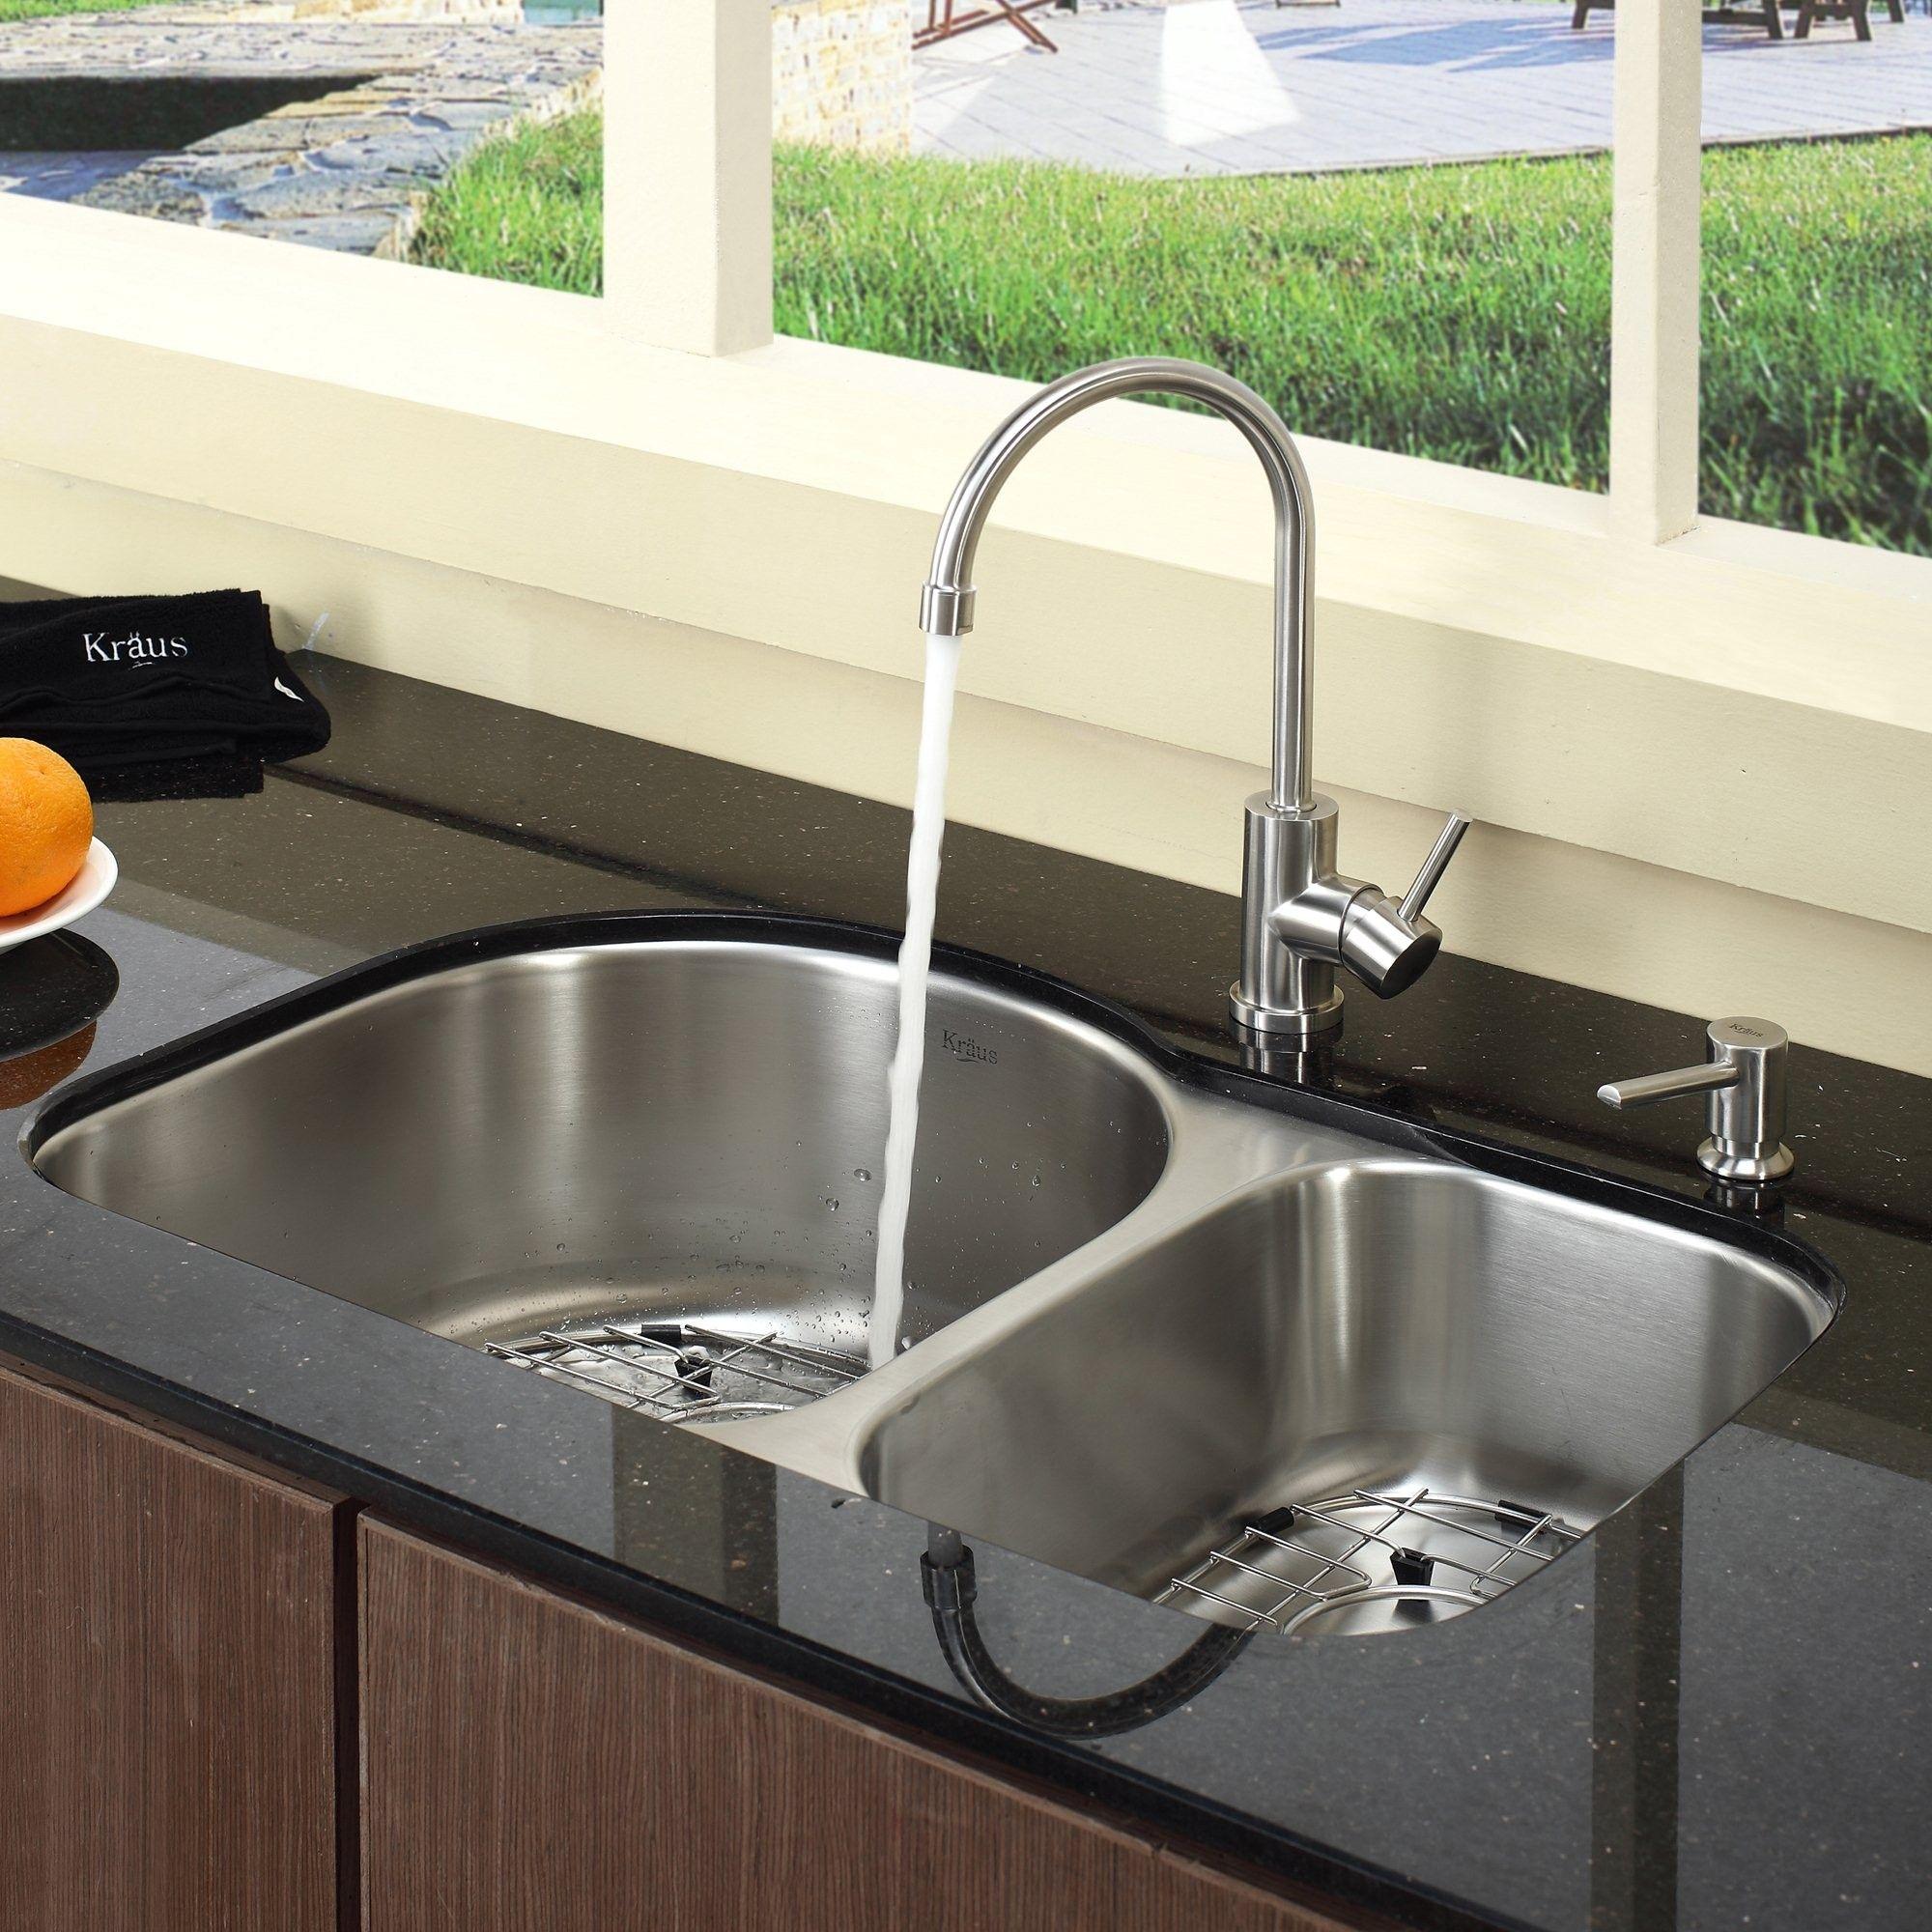 Modern Undermount Stainless Steel Sinks For Best Kitchen Sink Idea